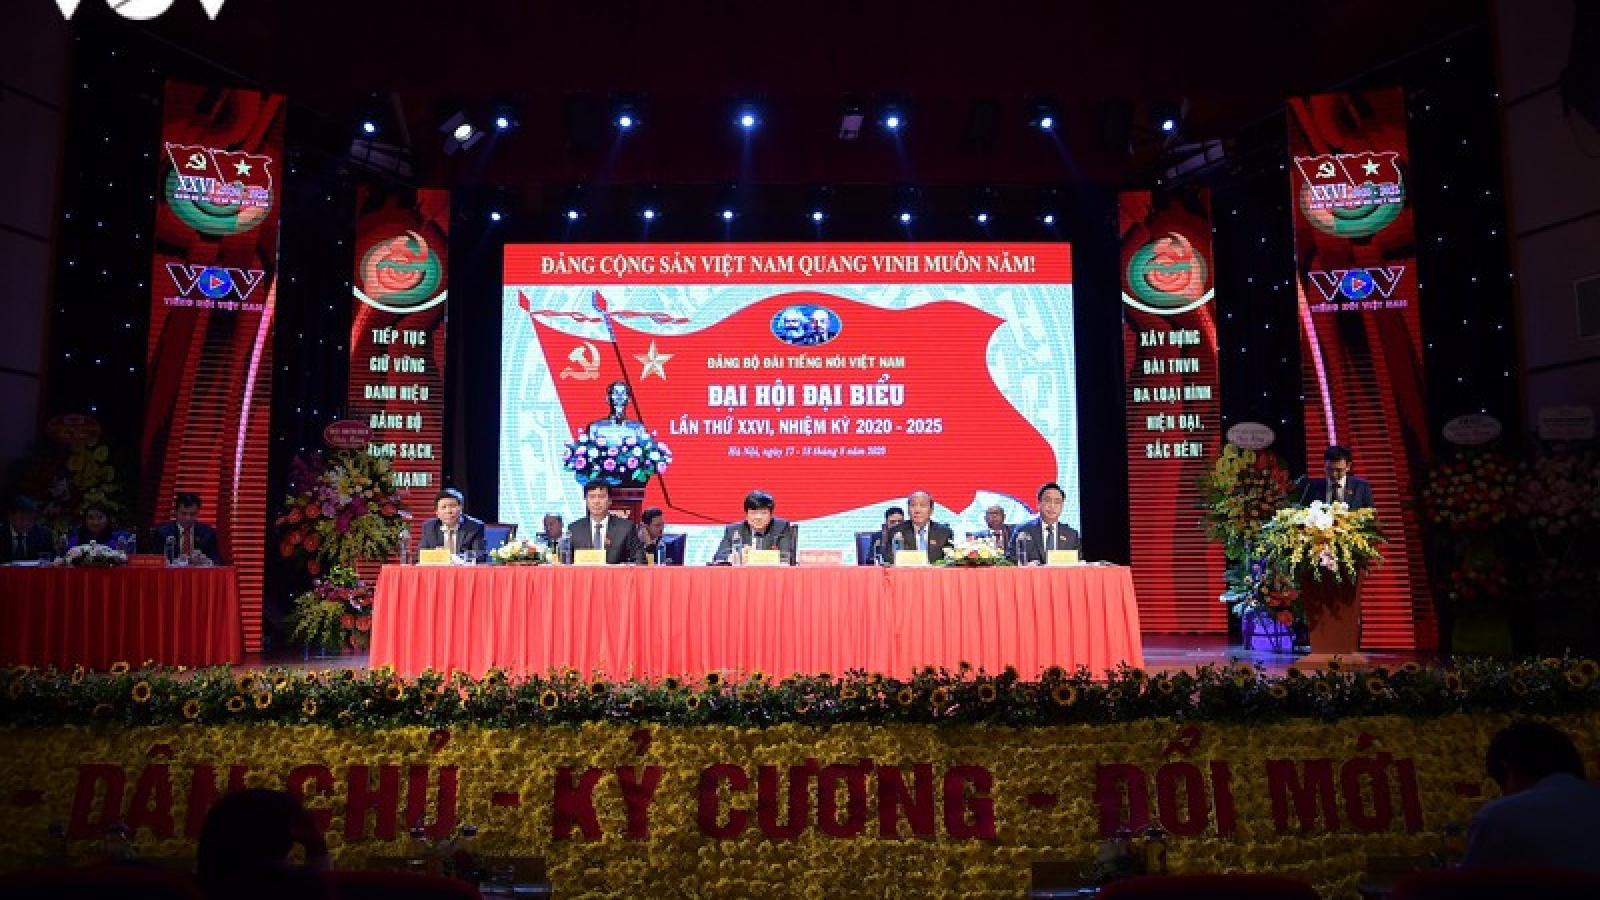 Toàn cảnh Đại hội Đại biểu Đảng bộ VOV lần thứ 26, nhiệm kỳ 2020-2025